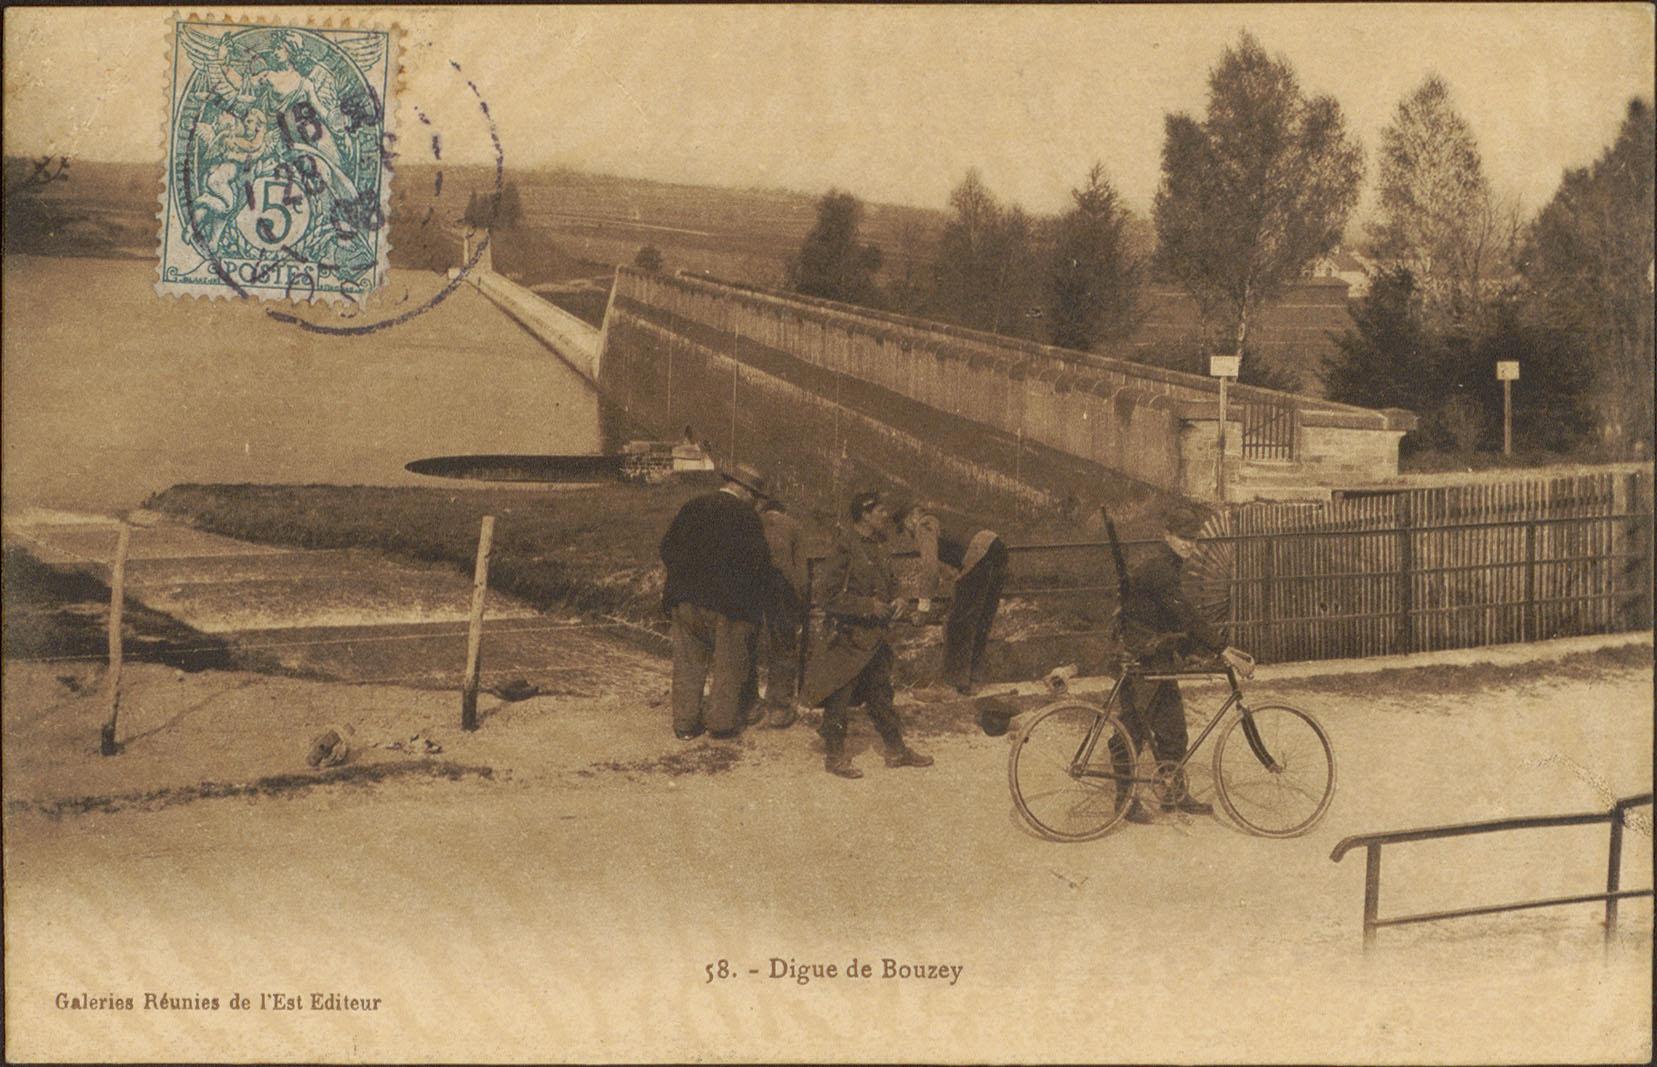 Contenu du Digue de Bouzey